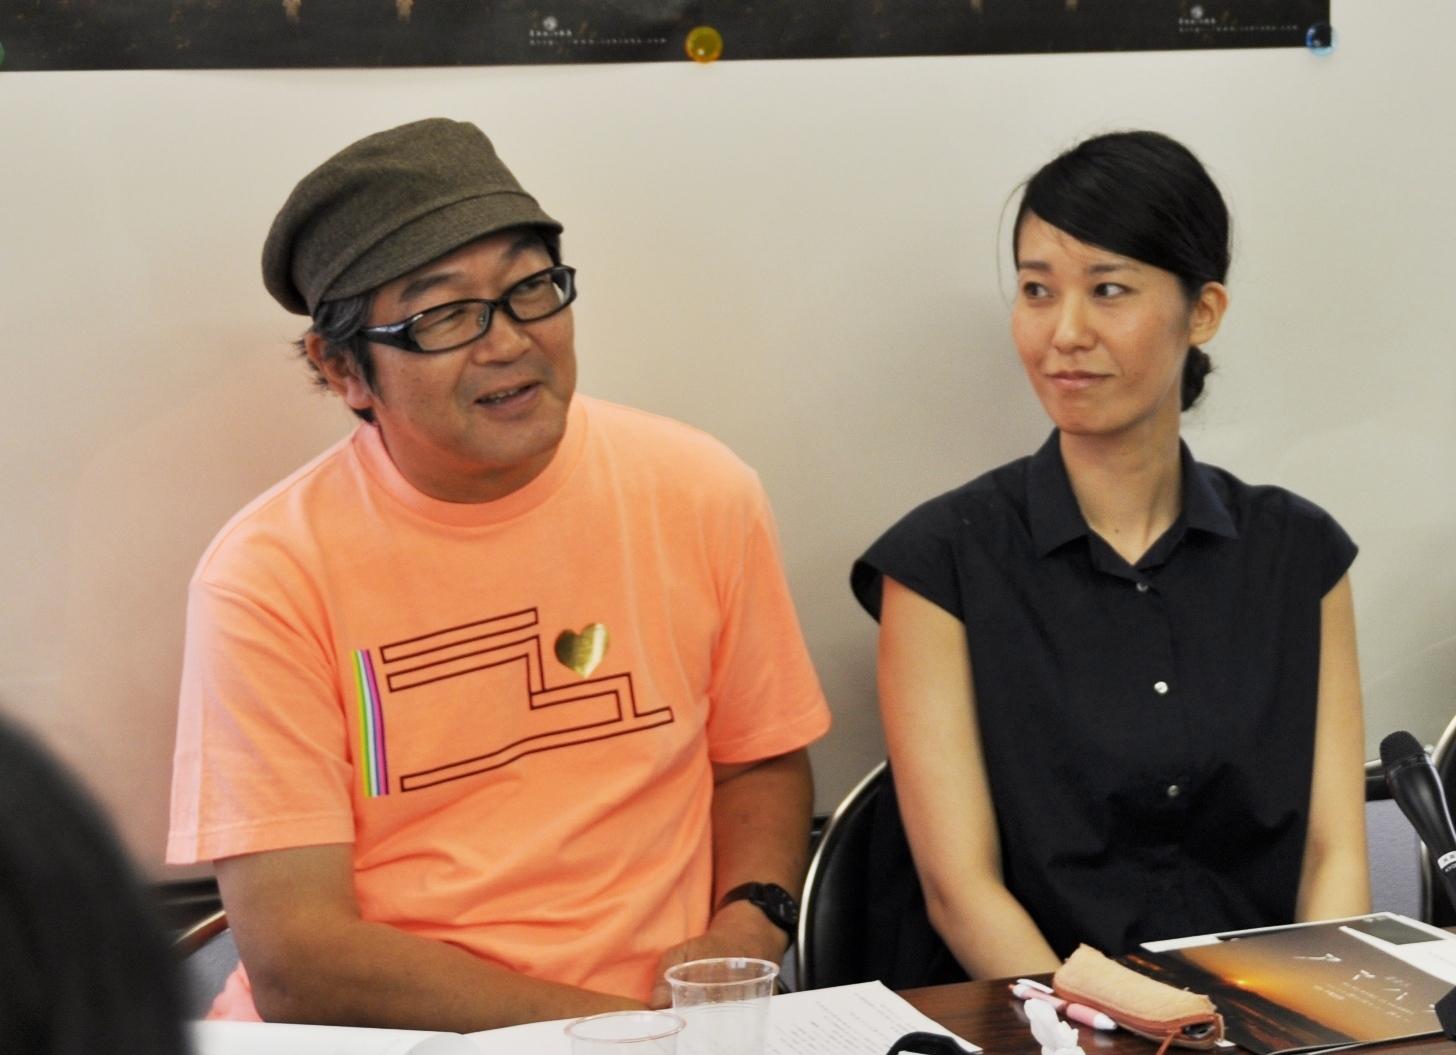 内橋が「松本さんはAB型なのに…」と言うと、制作の山﨑から「実はA型でした」という衝撃の(?)事実が会見中に明らかに。